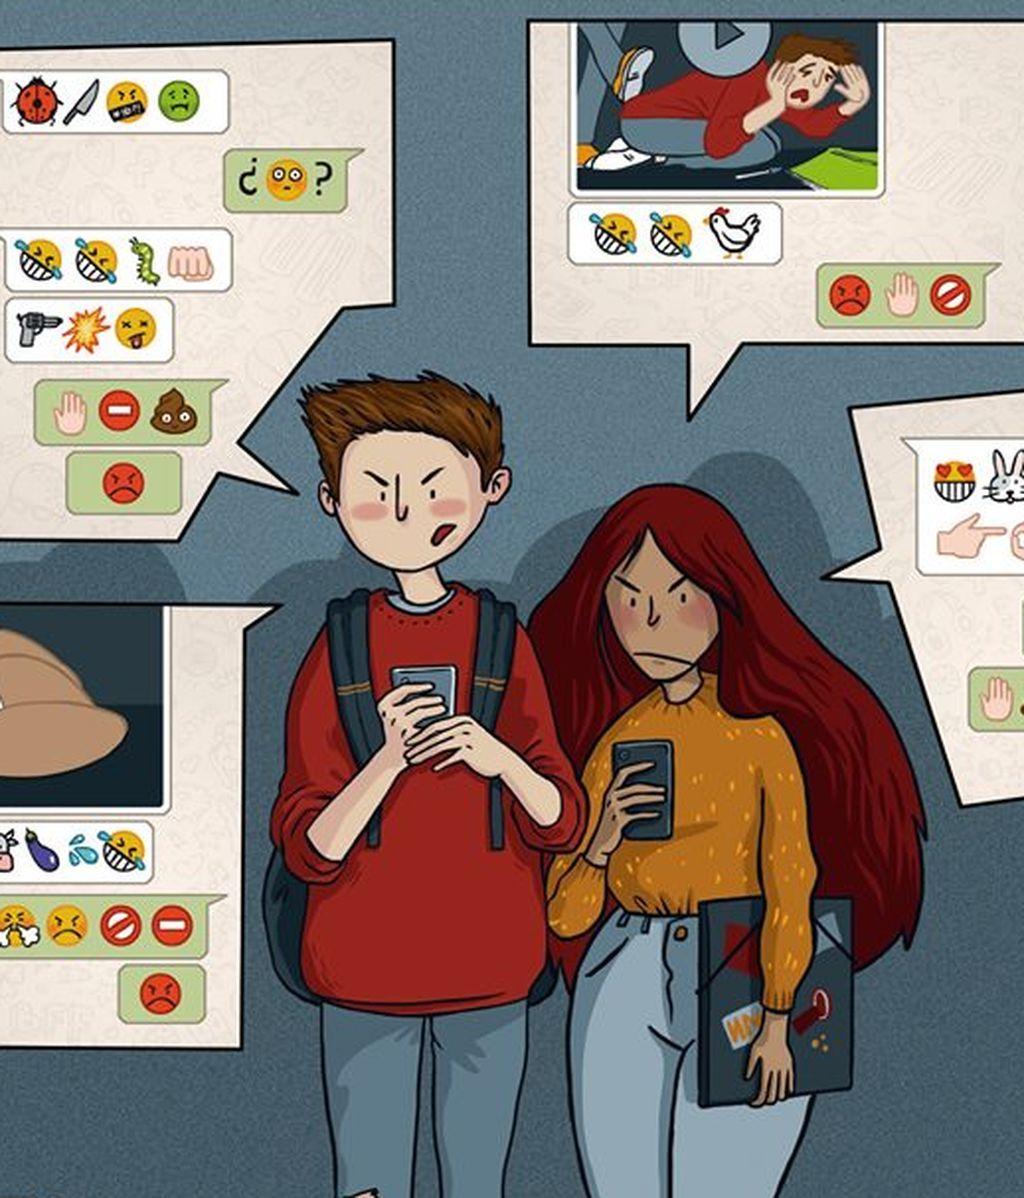 El cyberbullying NO me gusta